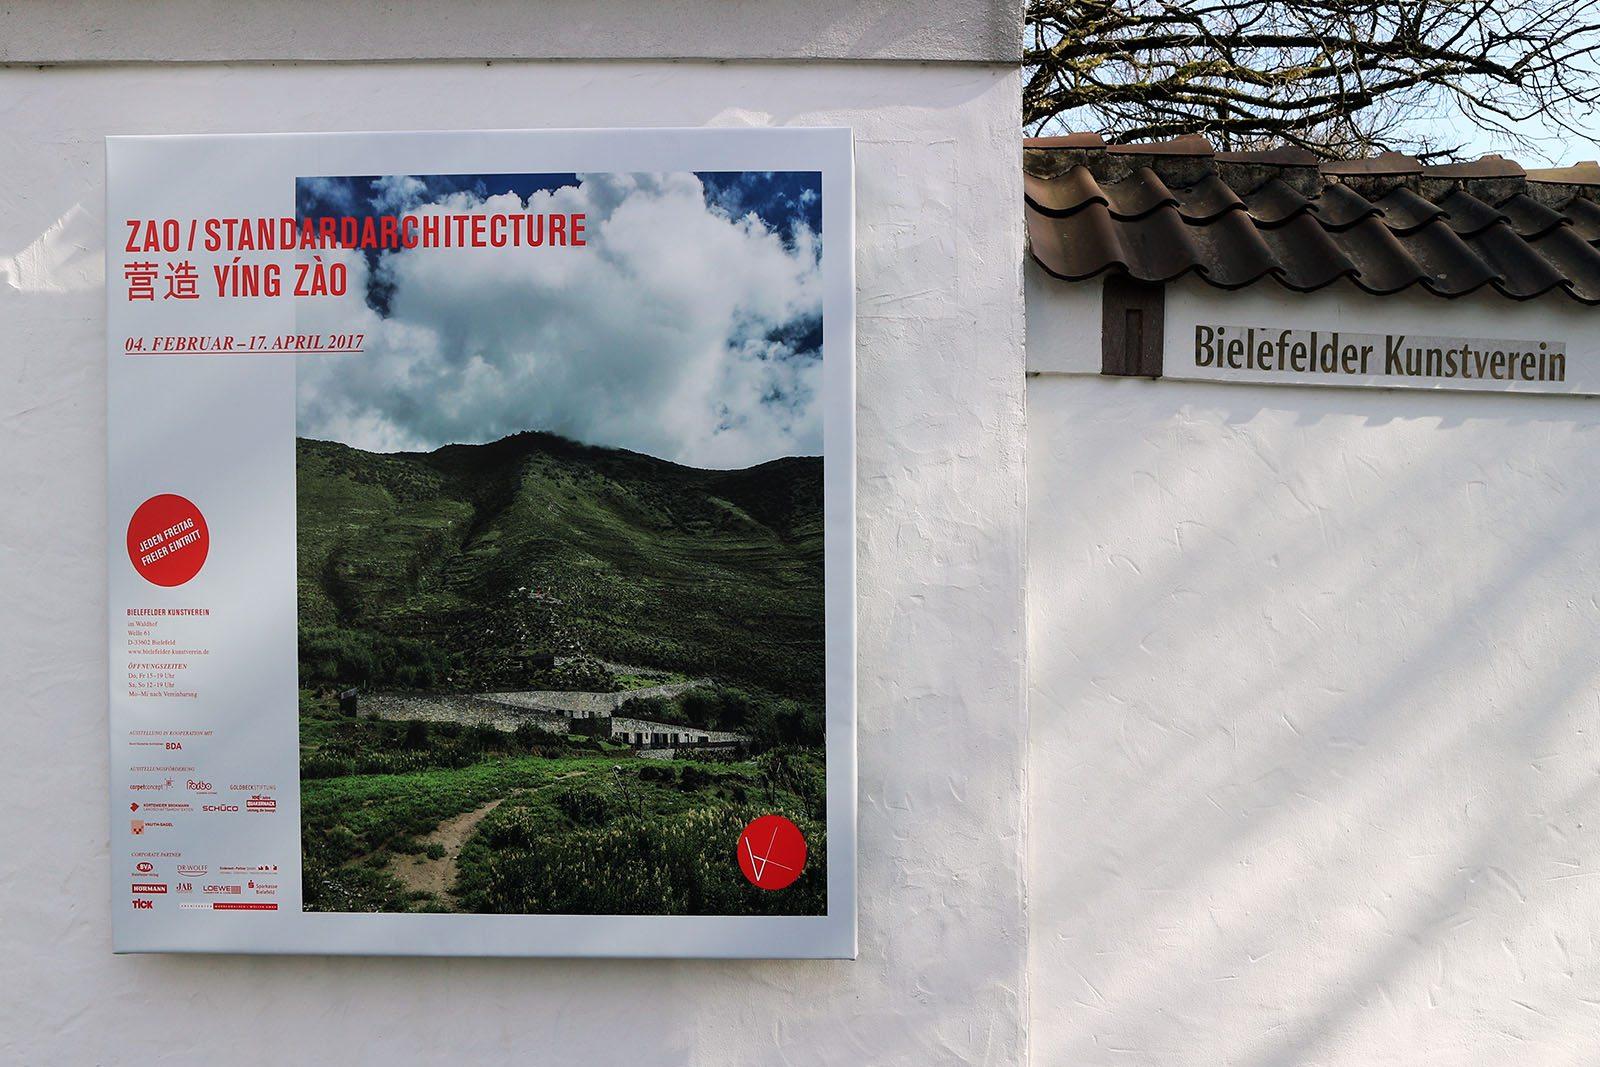 Bielefelder Kunstverein. Die Ausstellung